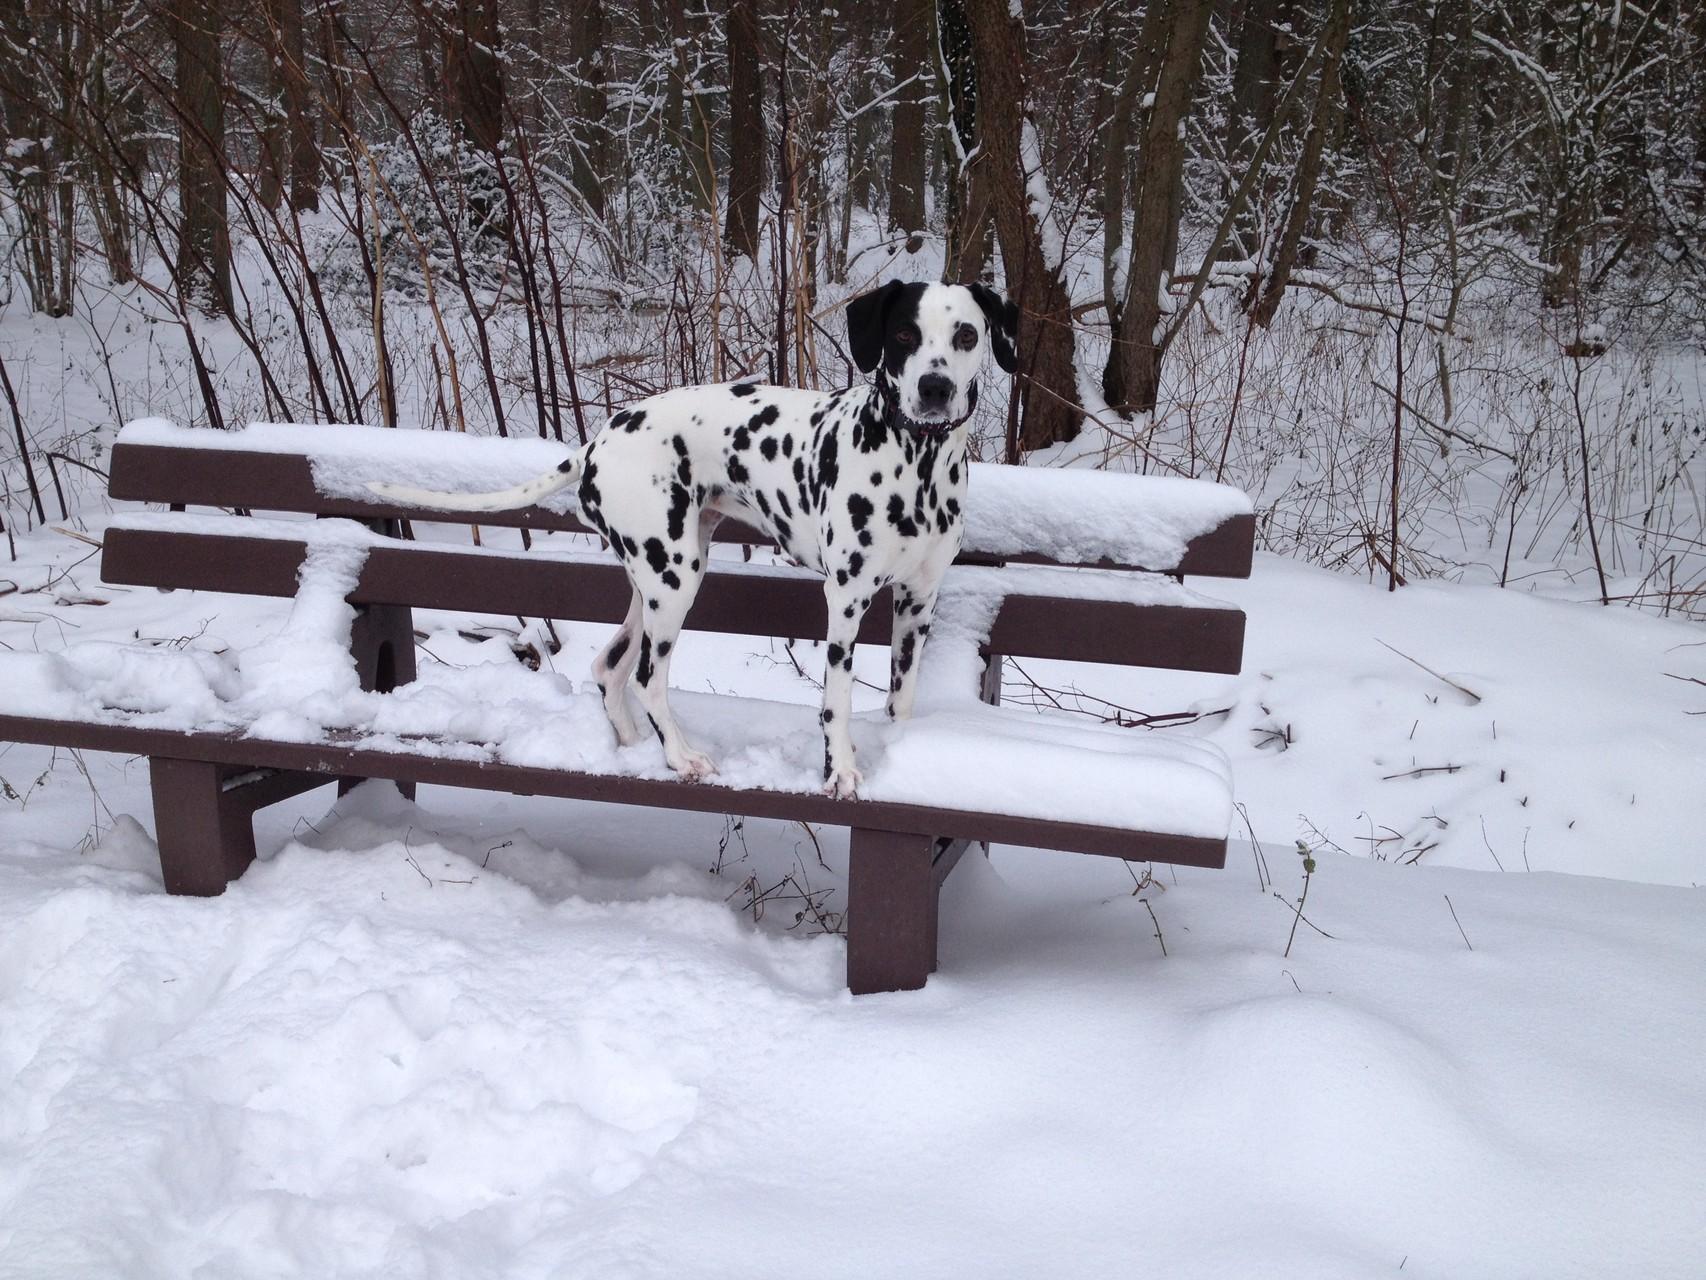 Sehr zum Leidwesen meines Frauchens hatten wir ja dann im Januar doch noch Schnee ...